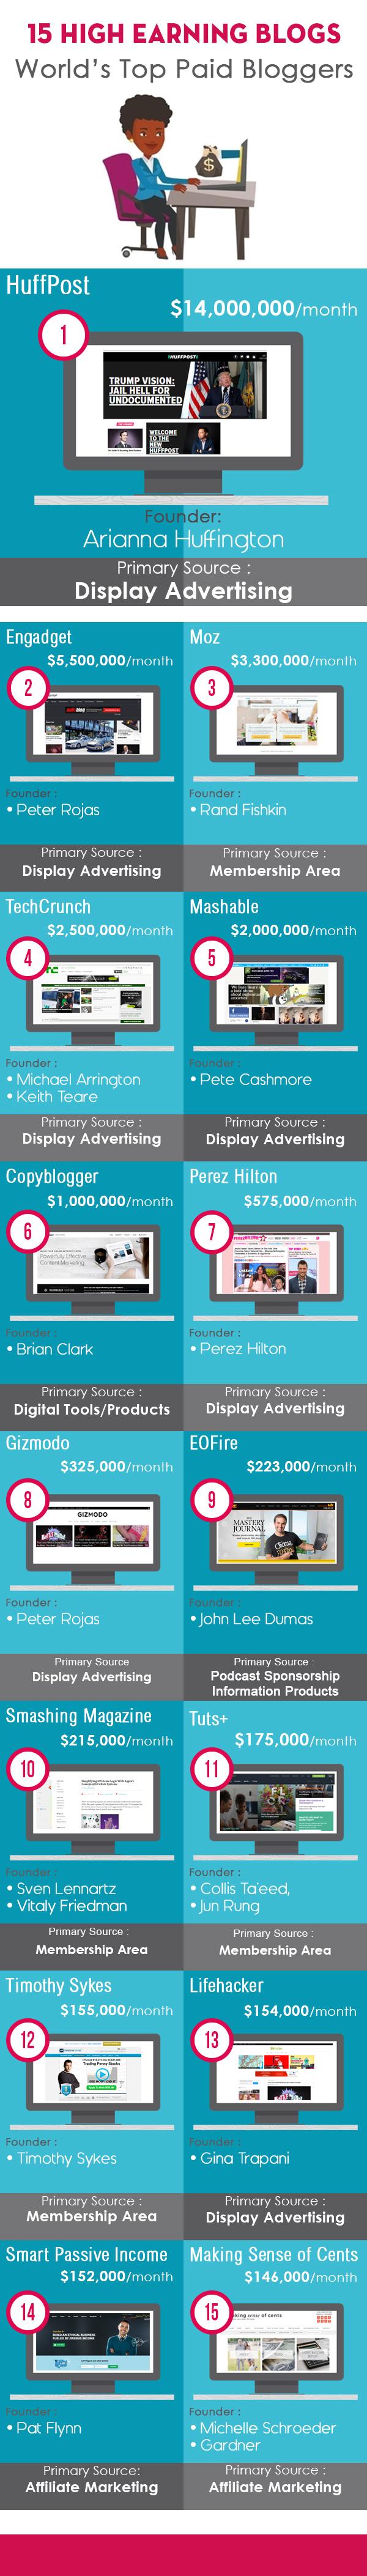 Most profitable blogs